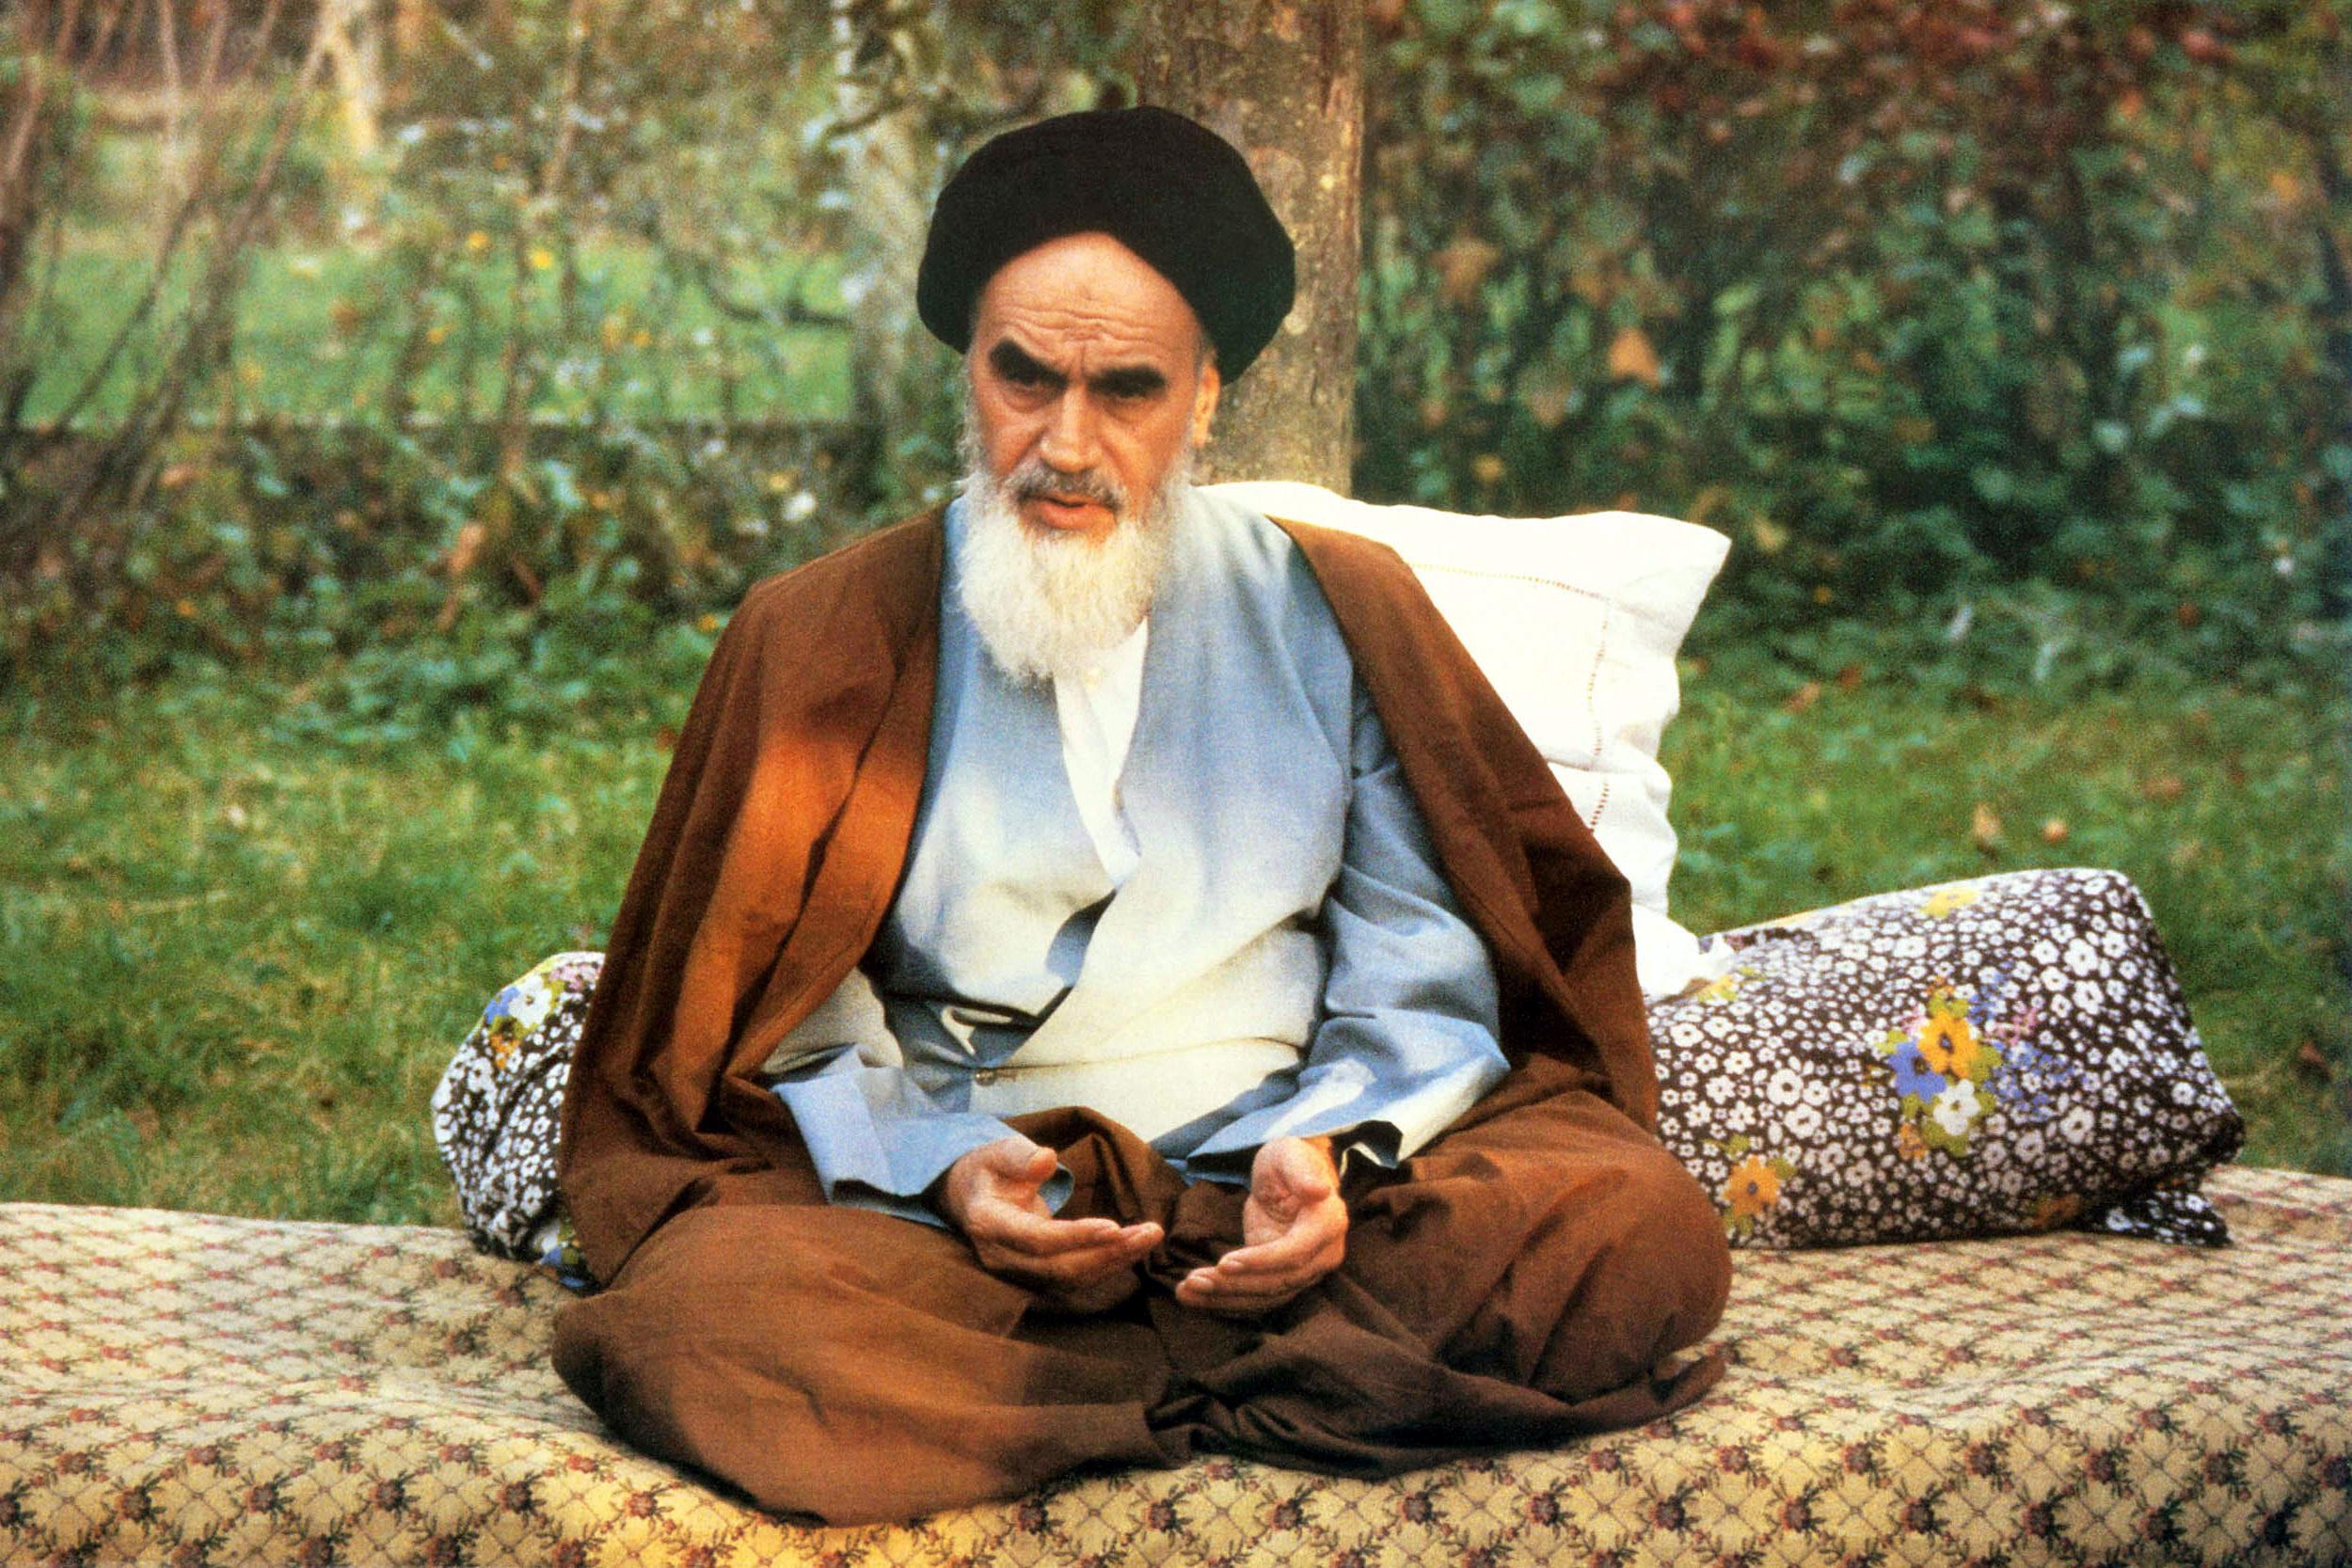 رهنمودهای امام ملت ایران را از سد دشمنان داخلی و خارجی عبور داد